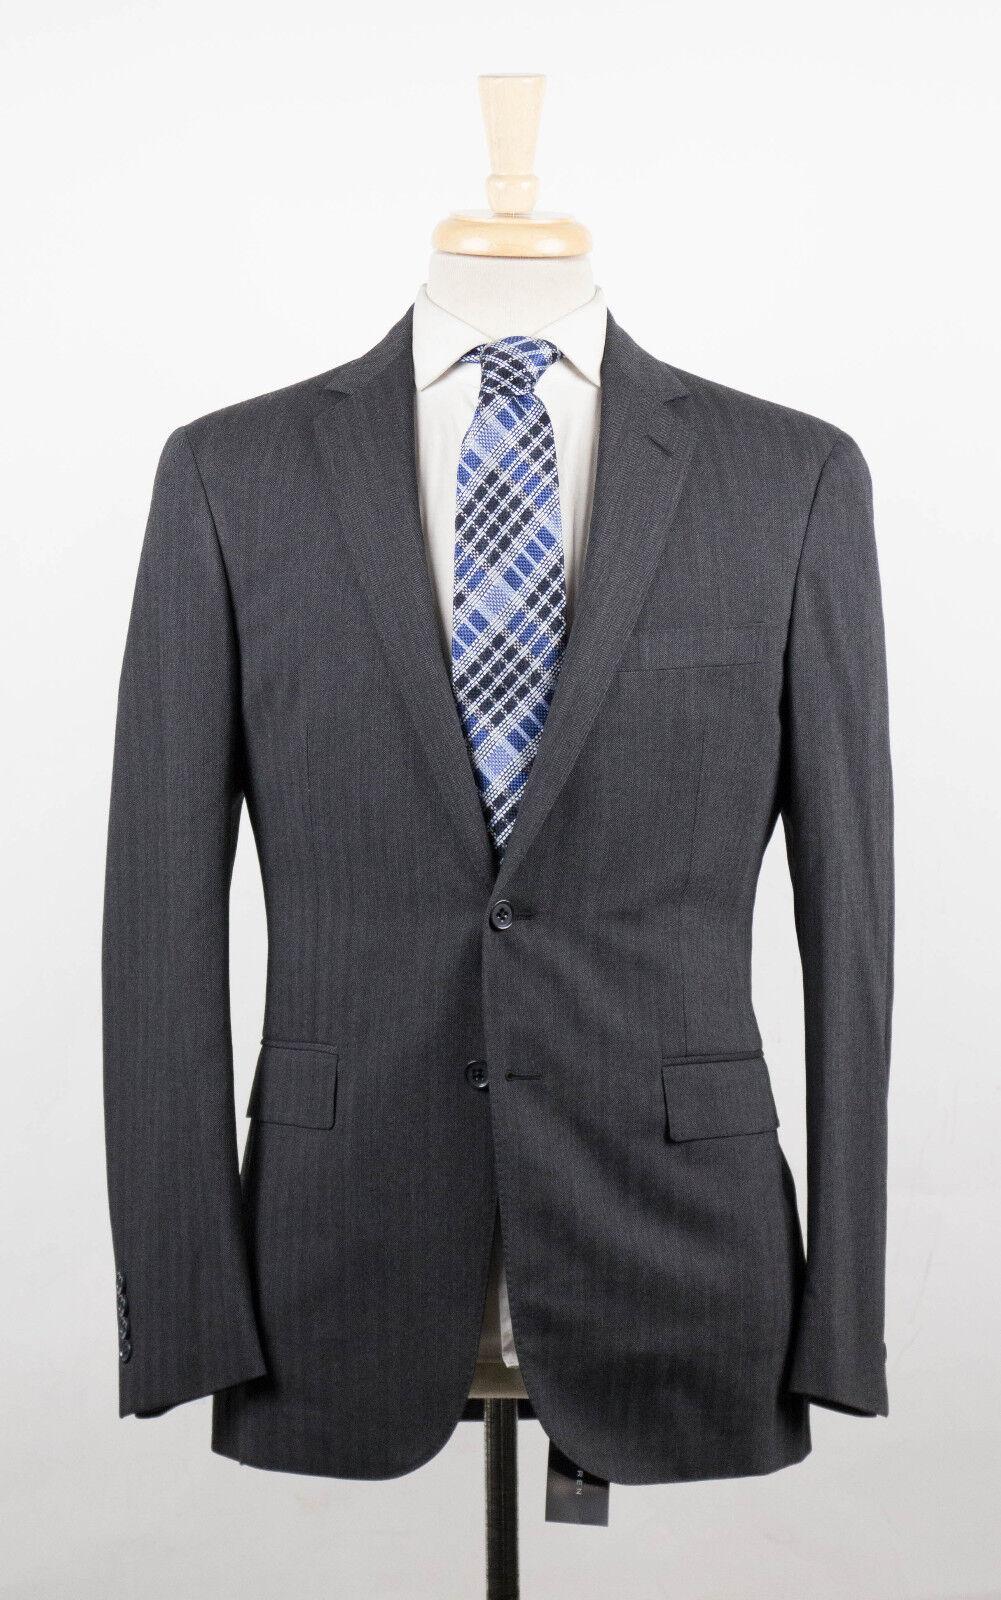 Neu. Ralph Lauren Schwarze Beschriftung Grau Wolle 2 Knöpfen Sport Mantel Größe     Spielen Sie auf der ganzen Welt und verhindern Sie, dass Ihre Kinder einsam sind    Komfort    Hohe Qualität und Wirtschaftlichkeit